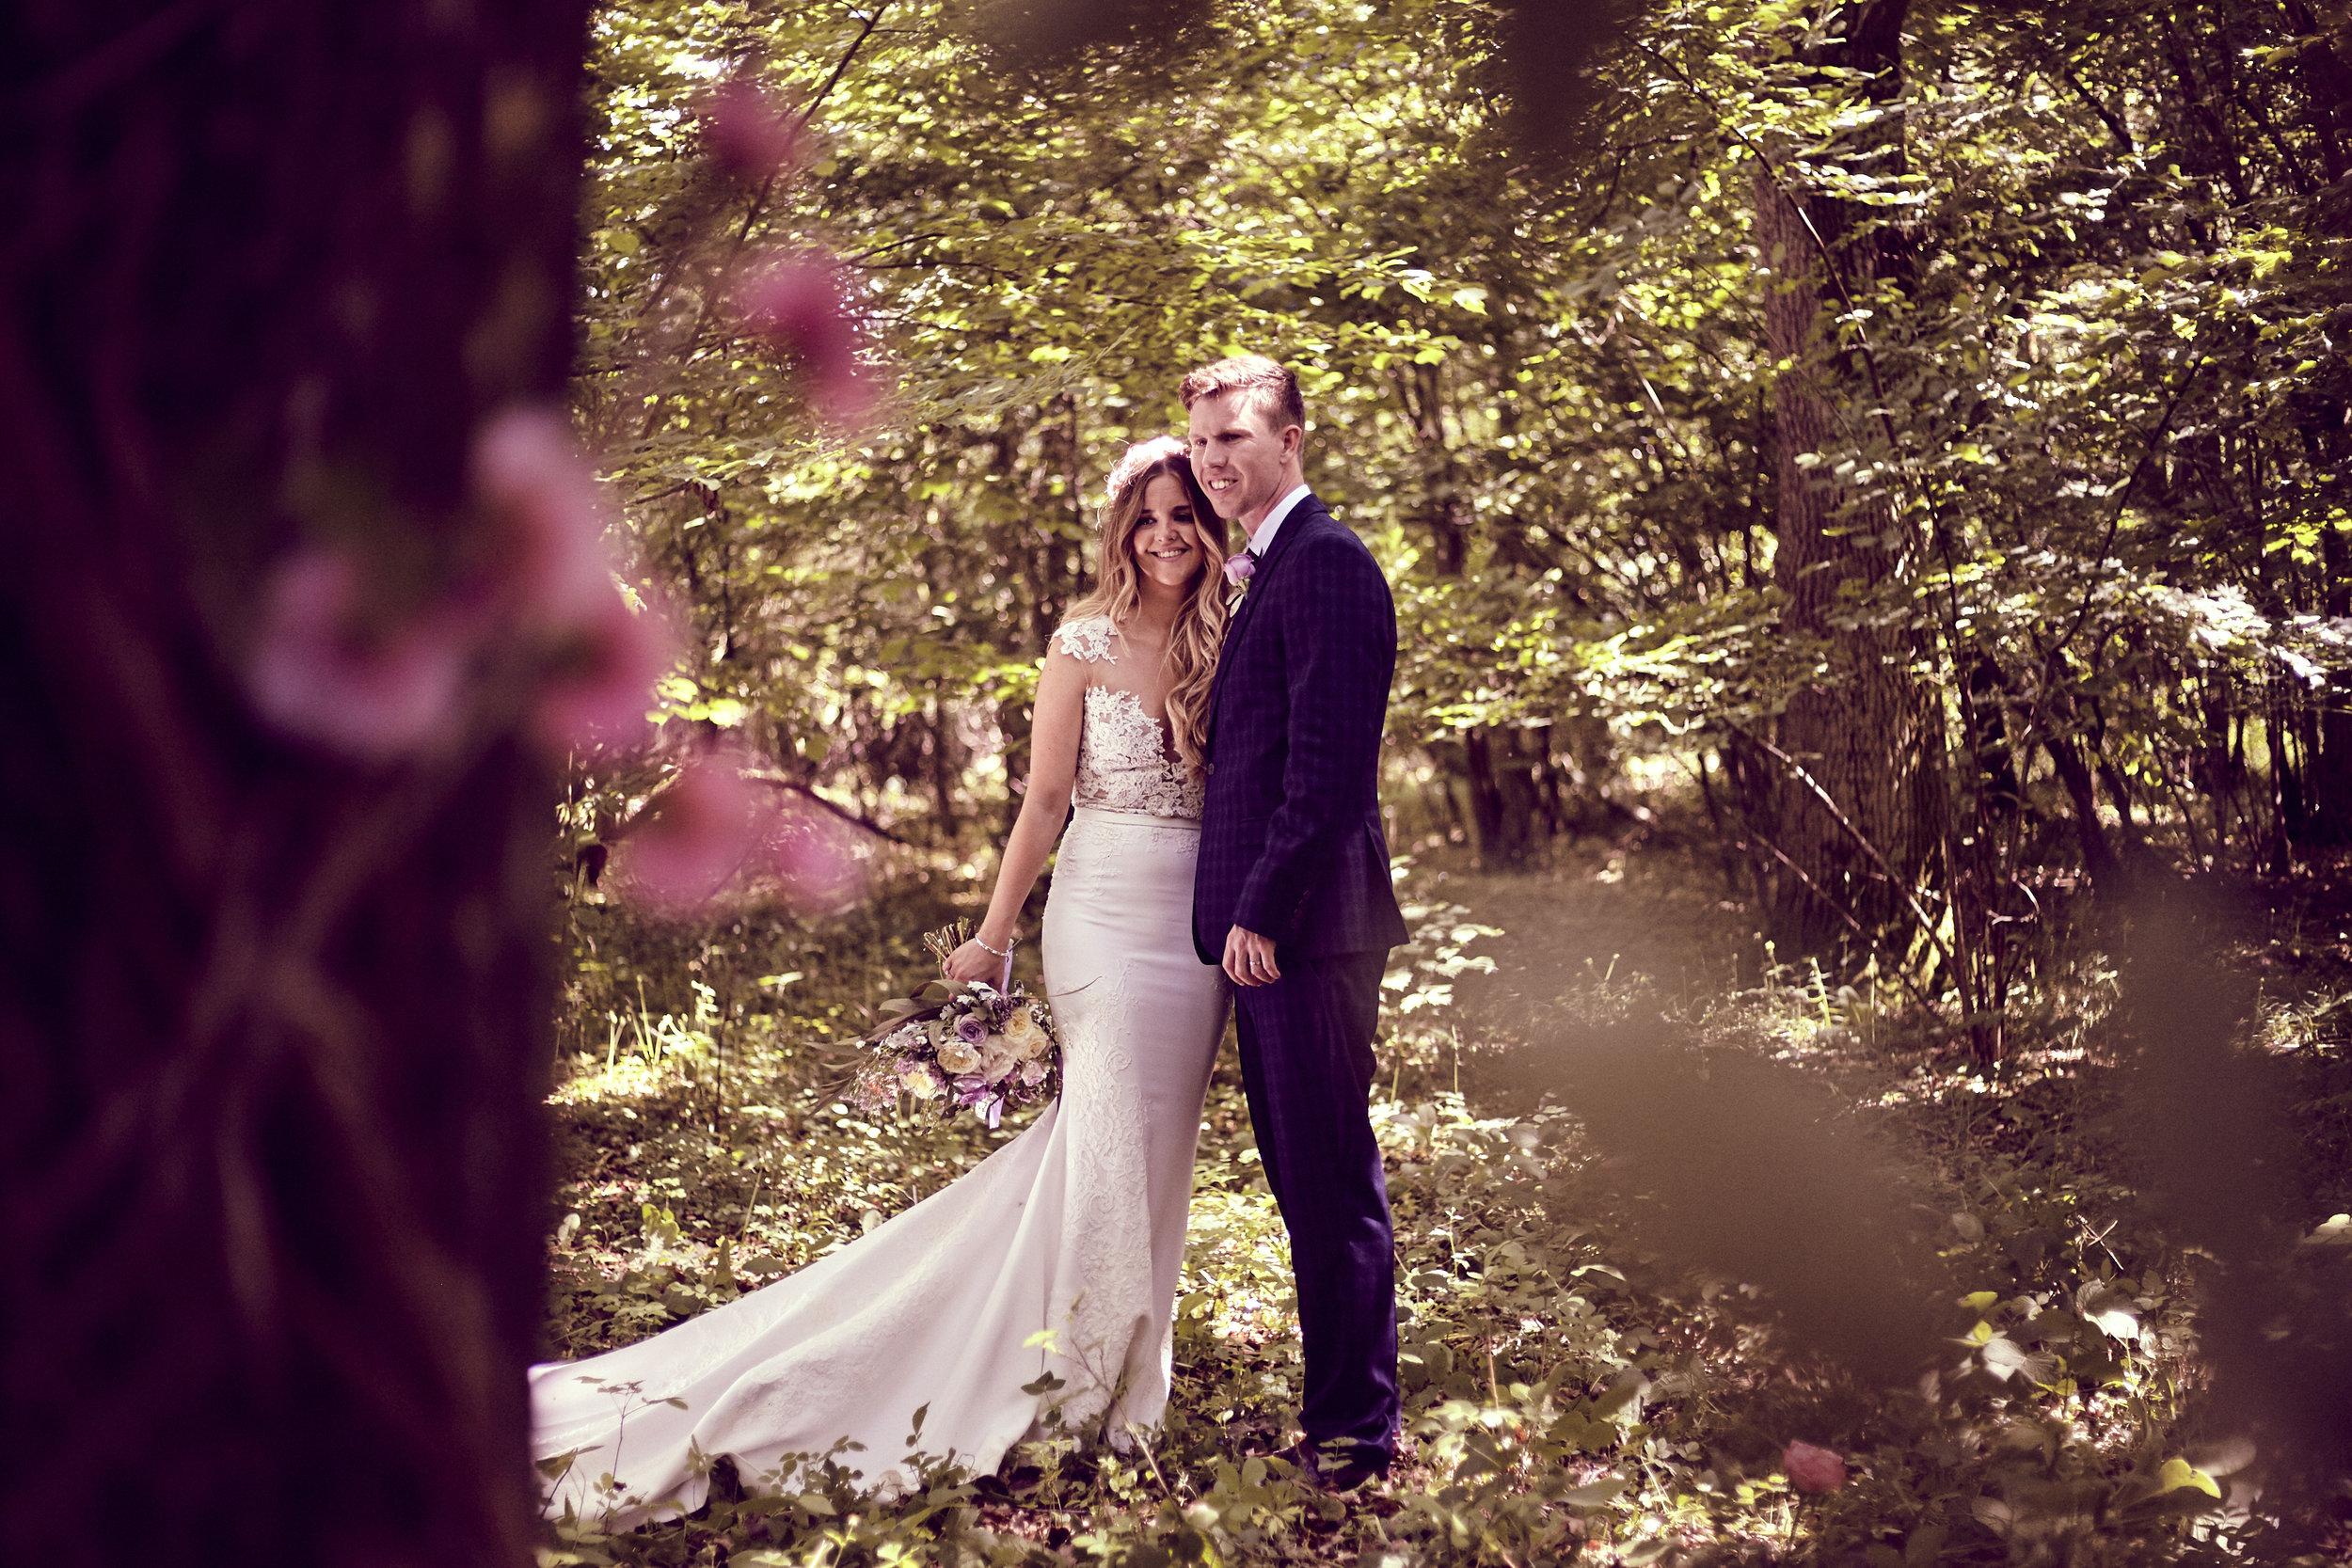 Laura&Kev's_Wedding_Bride and Groom_1340.jpg